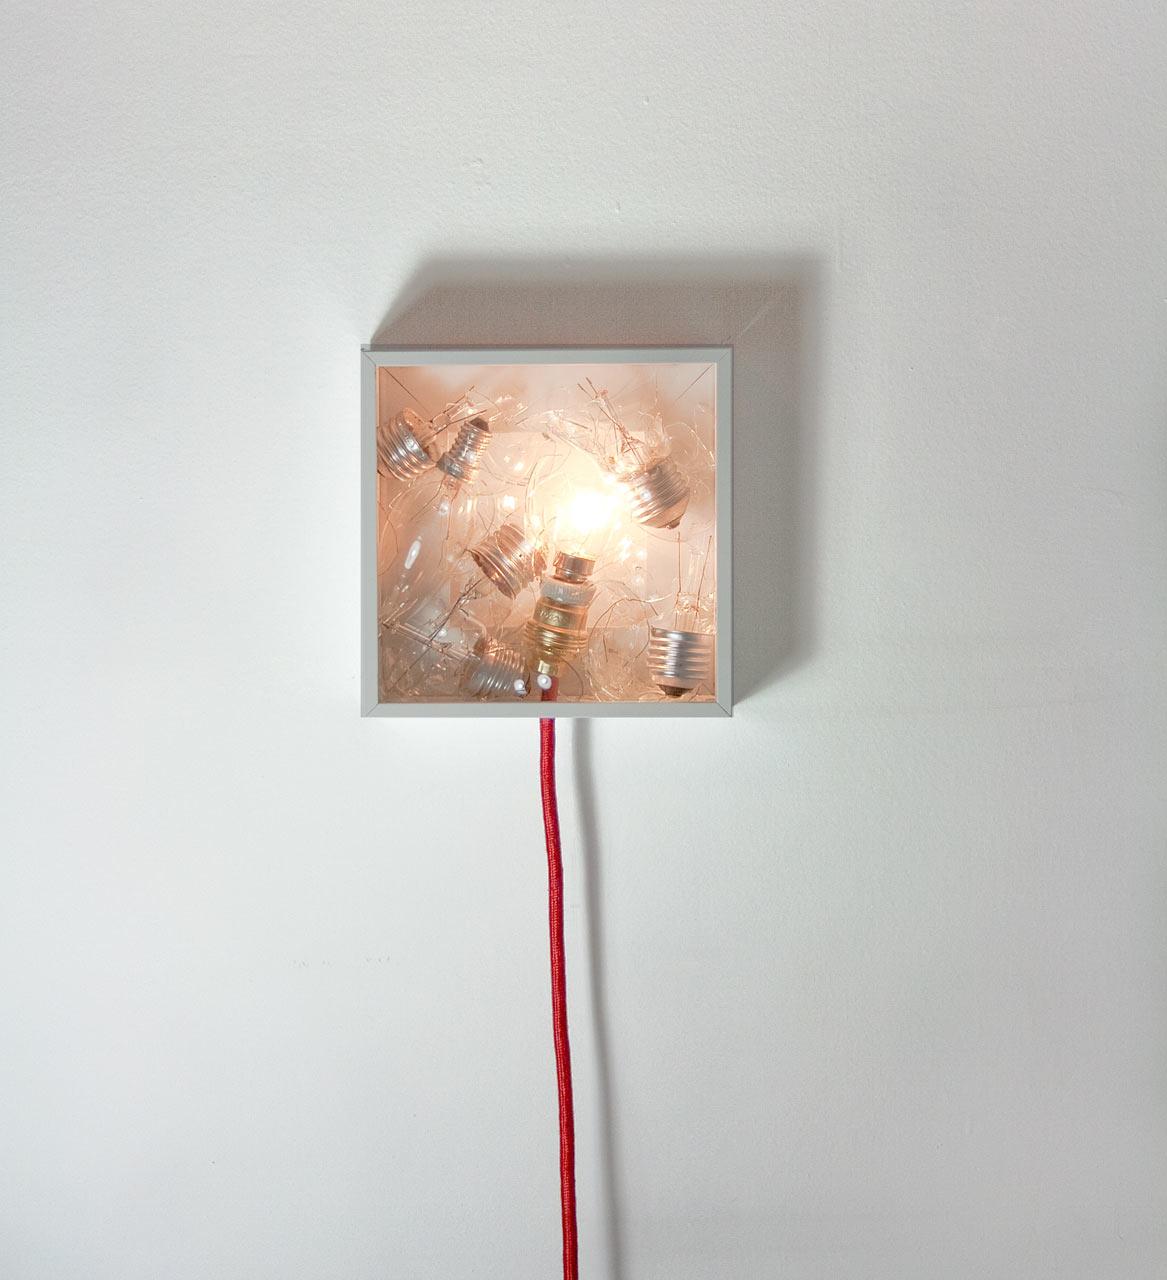 Bulbbox: A Lamp Made with a Box of Bulbs